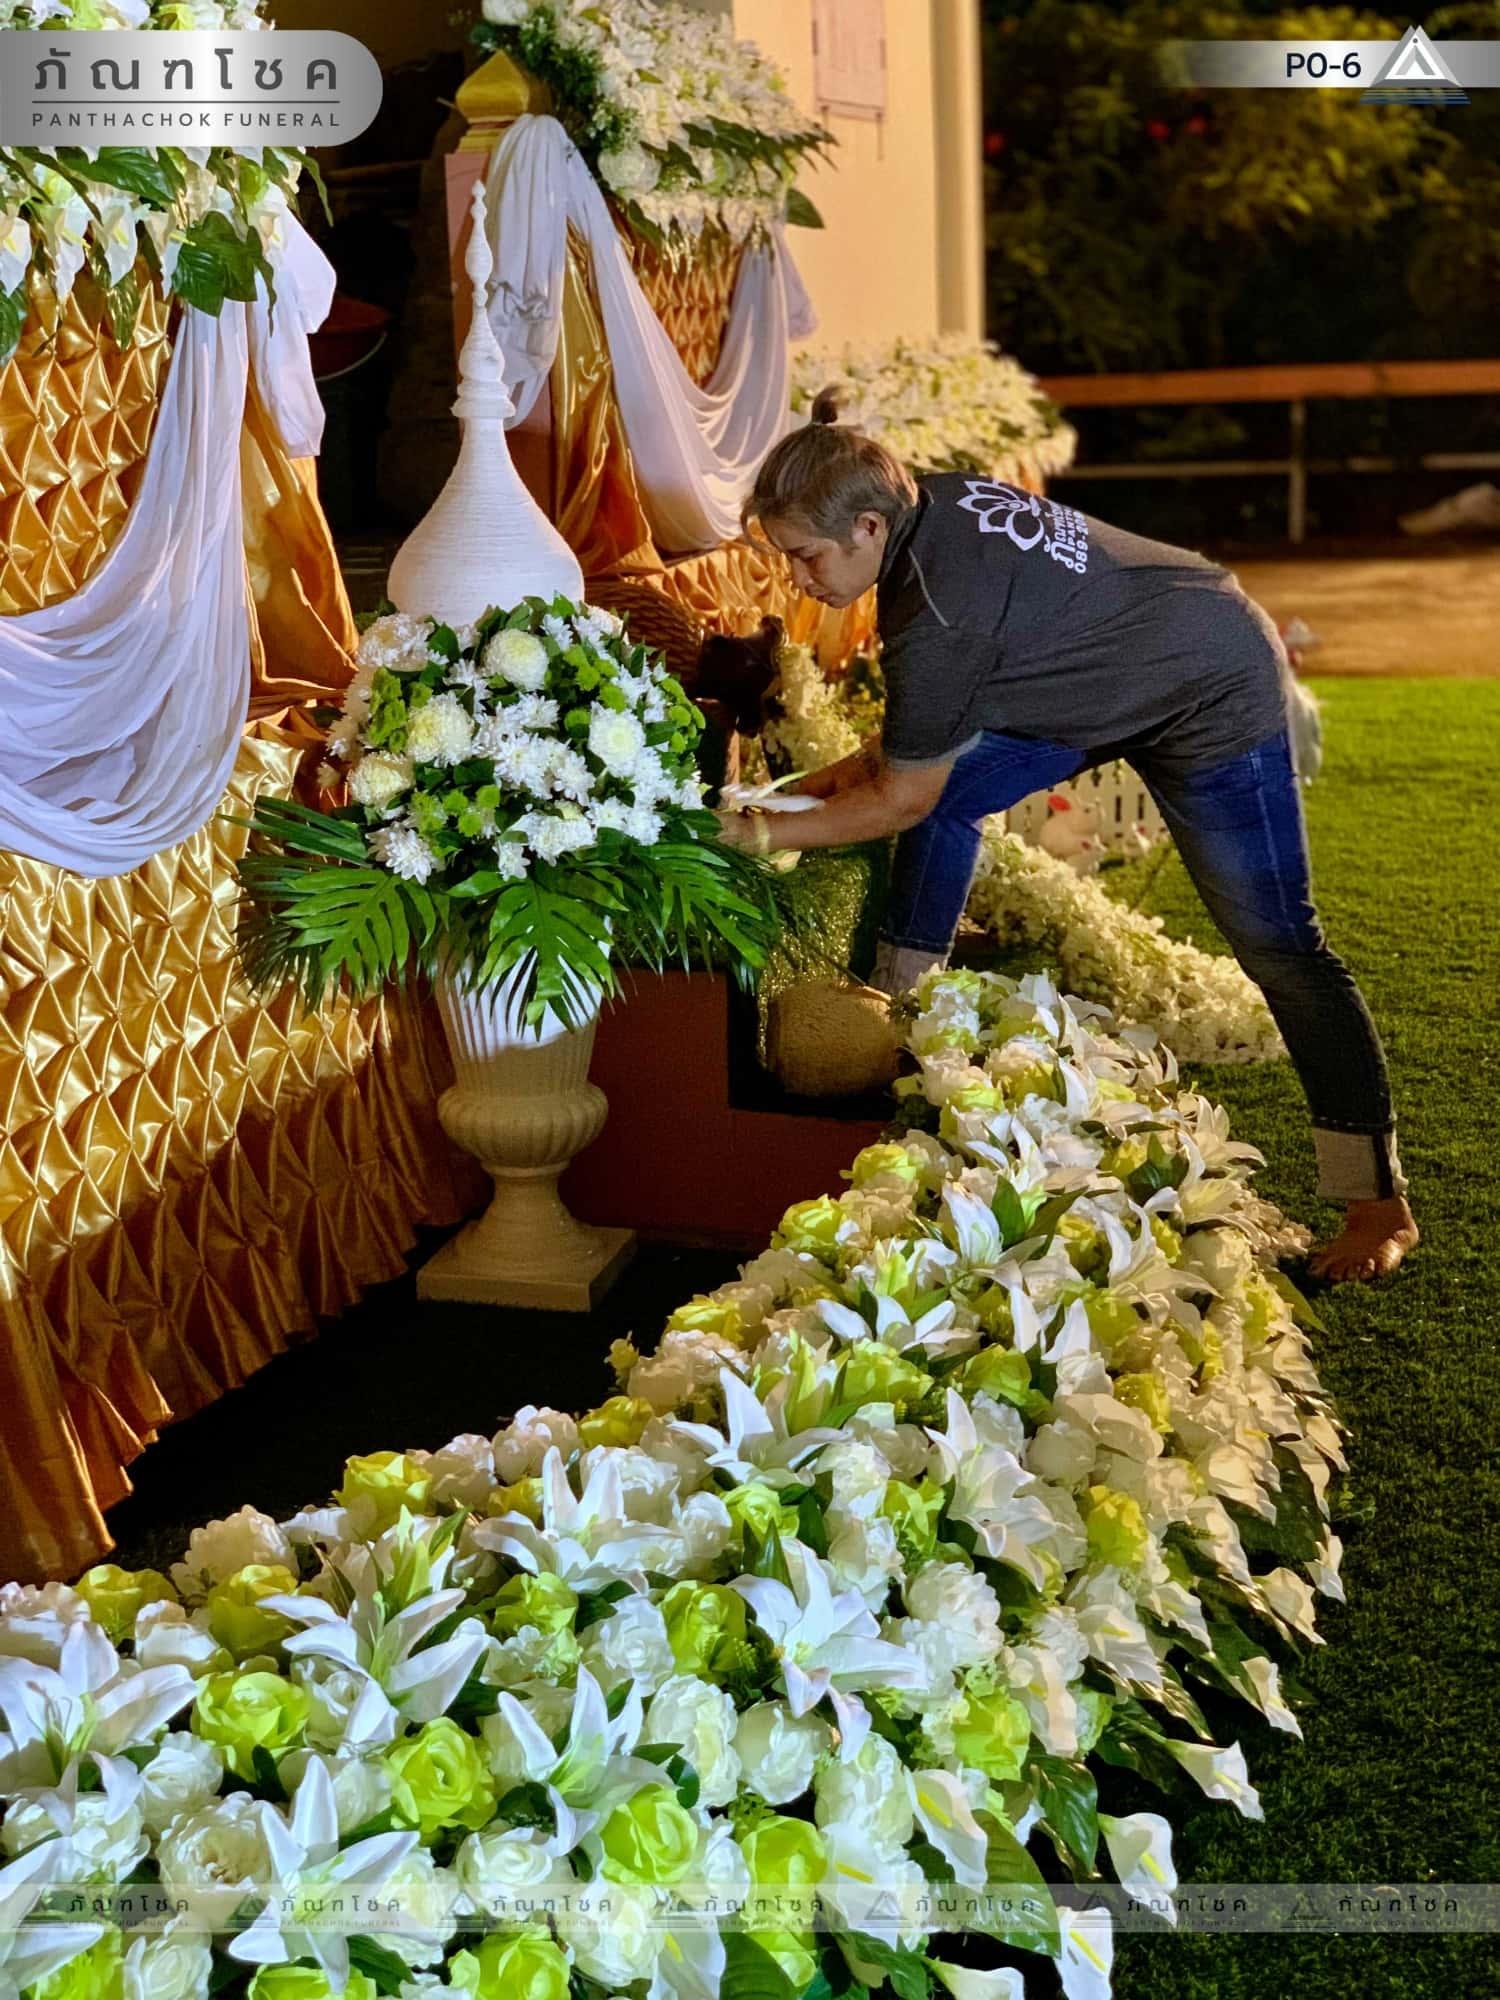 ดอกไม้ประดับเมรุ ชุด P0-6 171